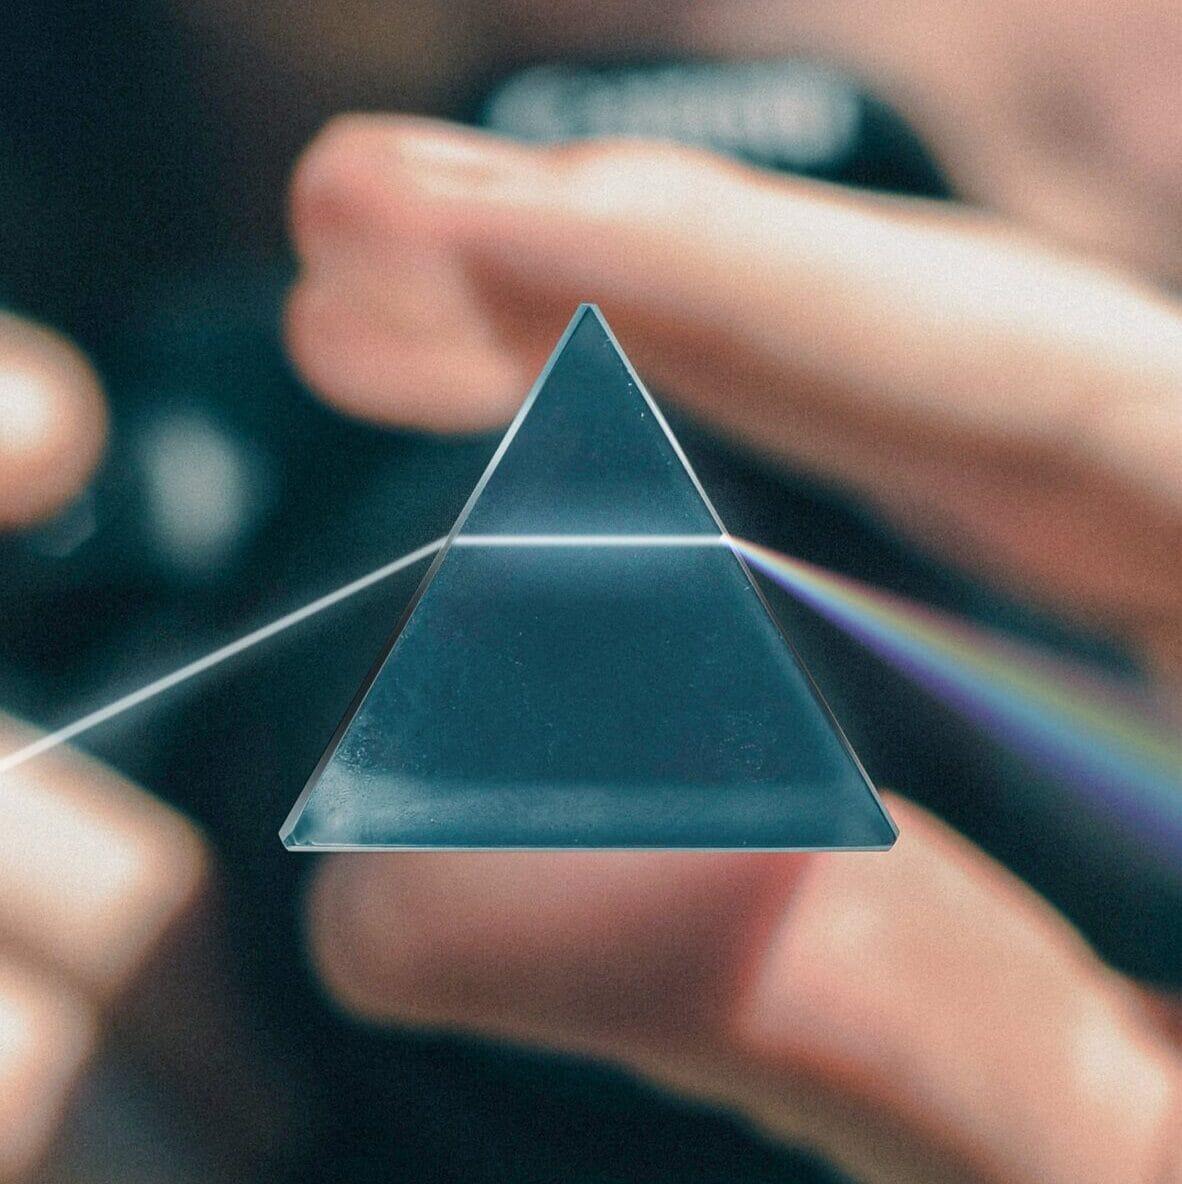 【光影瞬间】摄影入门——曝光三要素与常见误区